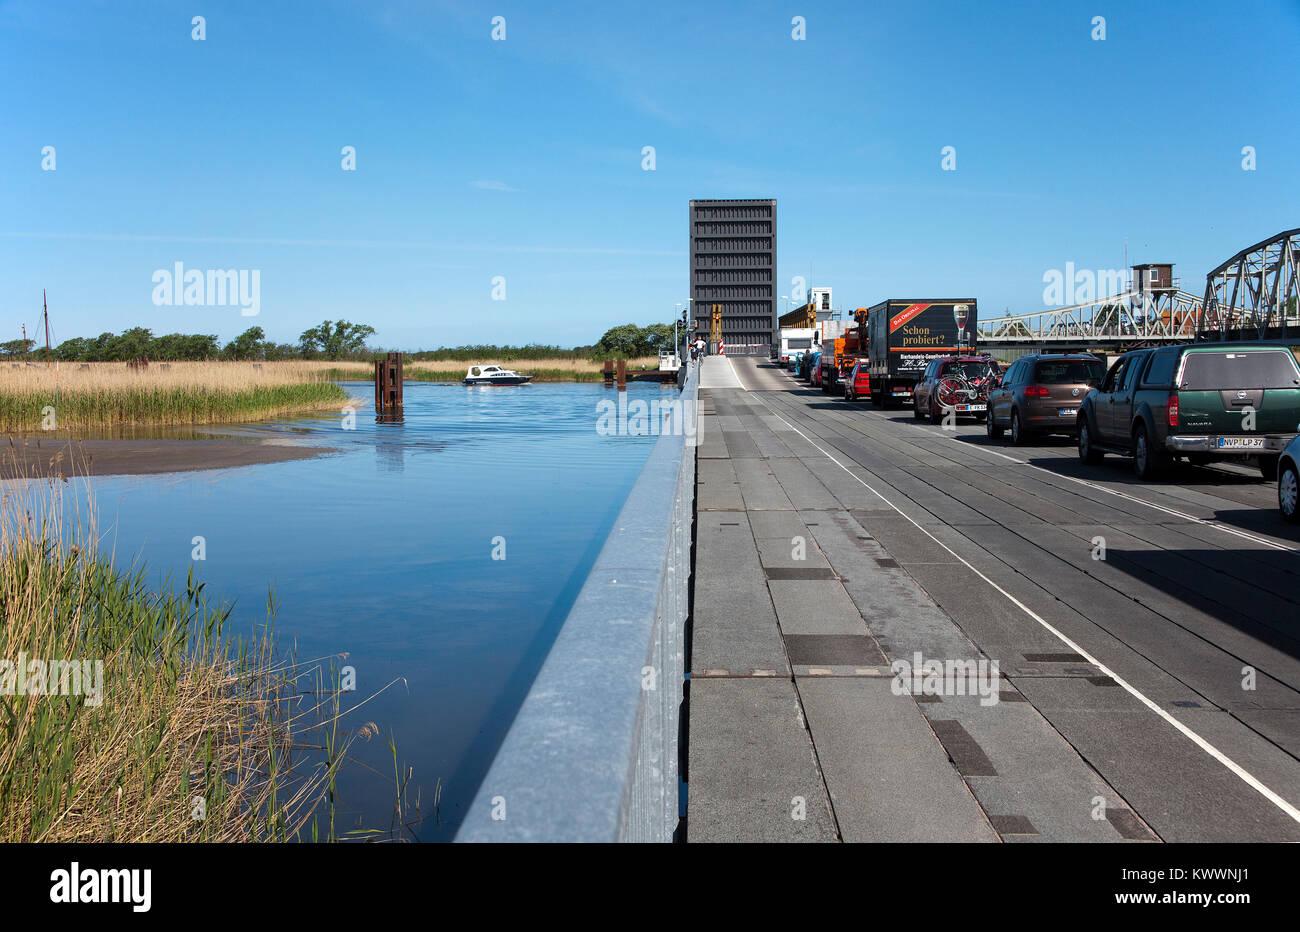 Fahrzeuge bei Meiningen Brücke wartet (pontonbrücke), Bresewitz, Fishland, Mecklenburg-Vorpommern, Ostsee, Deutschland, Stockfoto